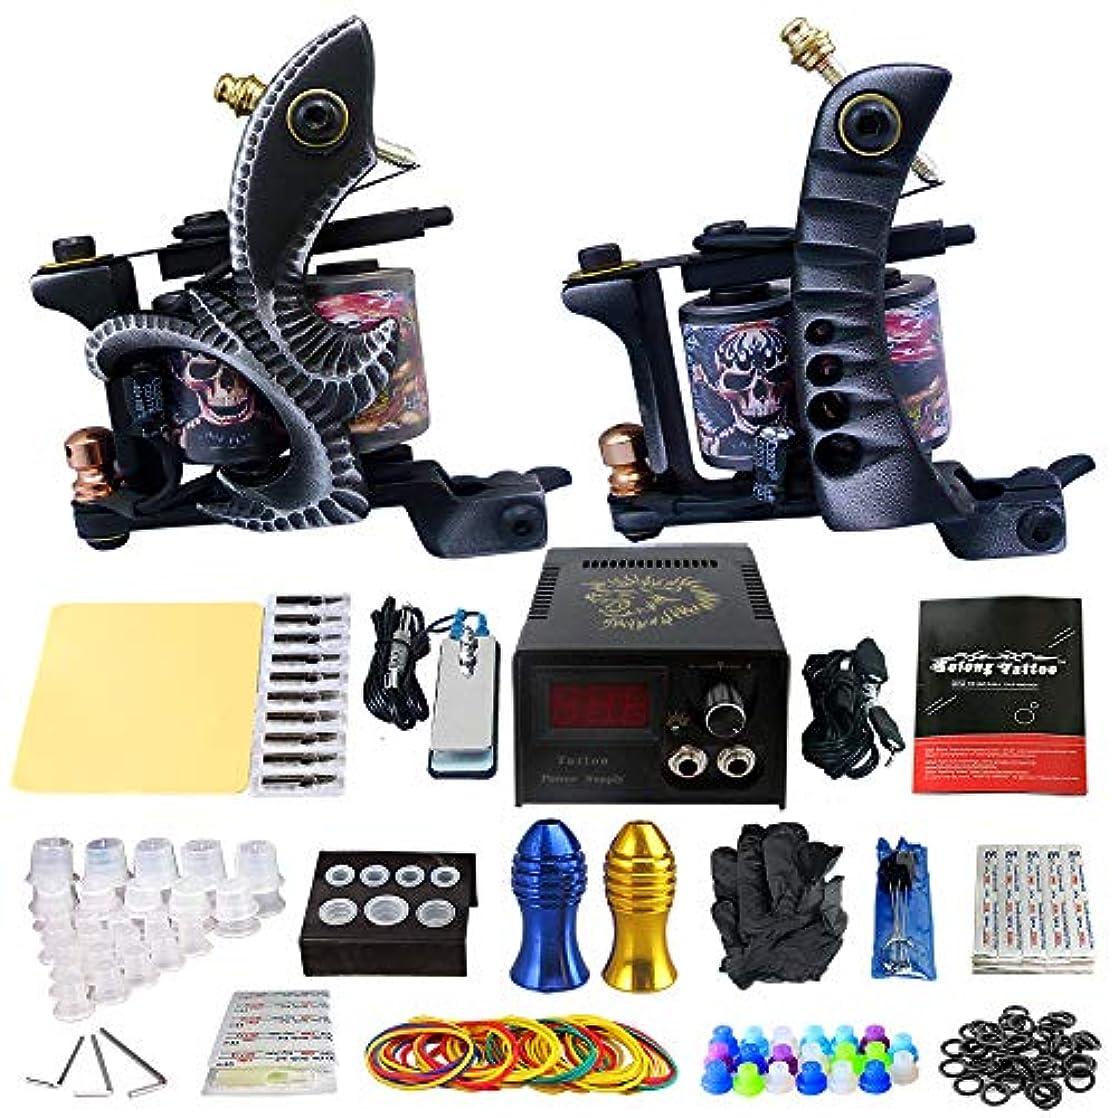 気質概念マイクロタトゥーマシンメイクアップキットタトゥーマシンセットツールバッグ電源20針グリップアーティストタトゥー用品TK202-25